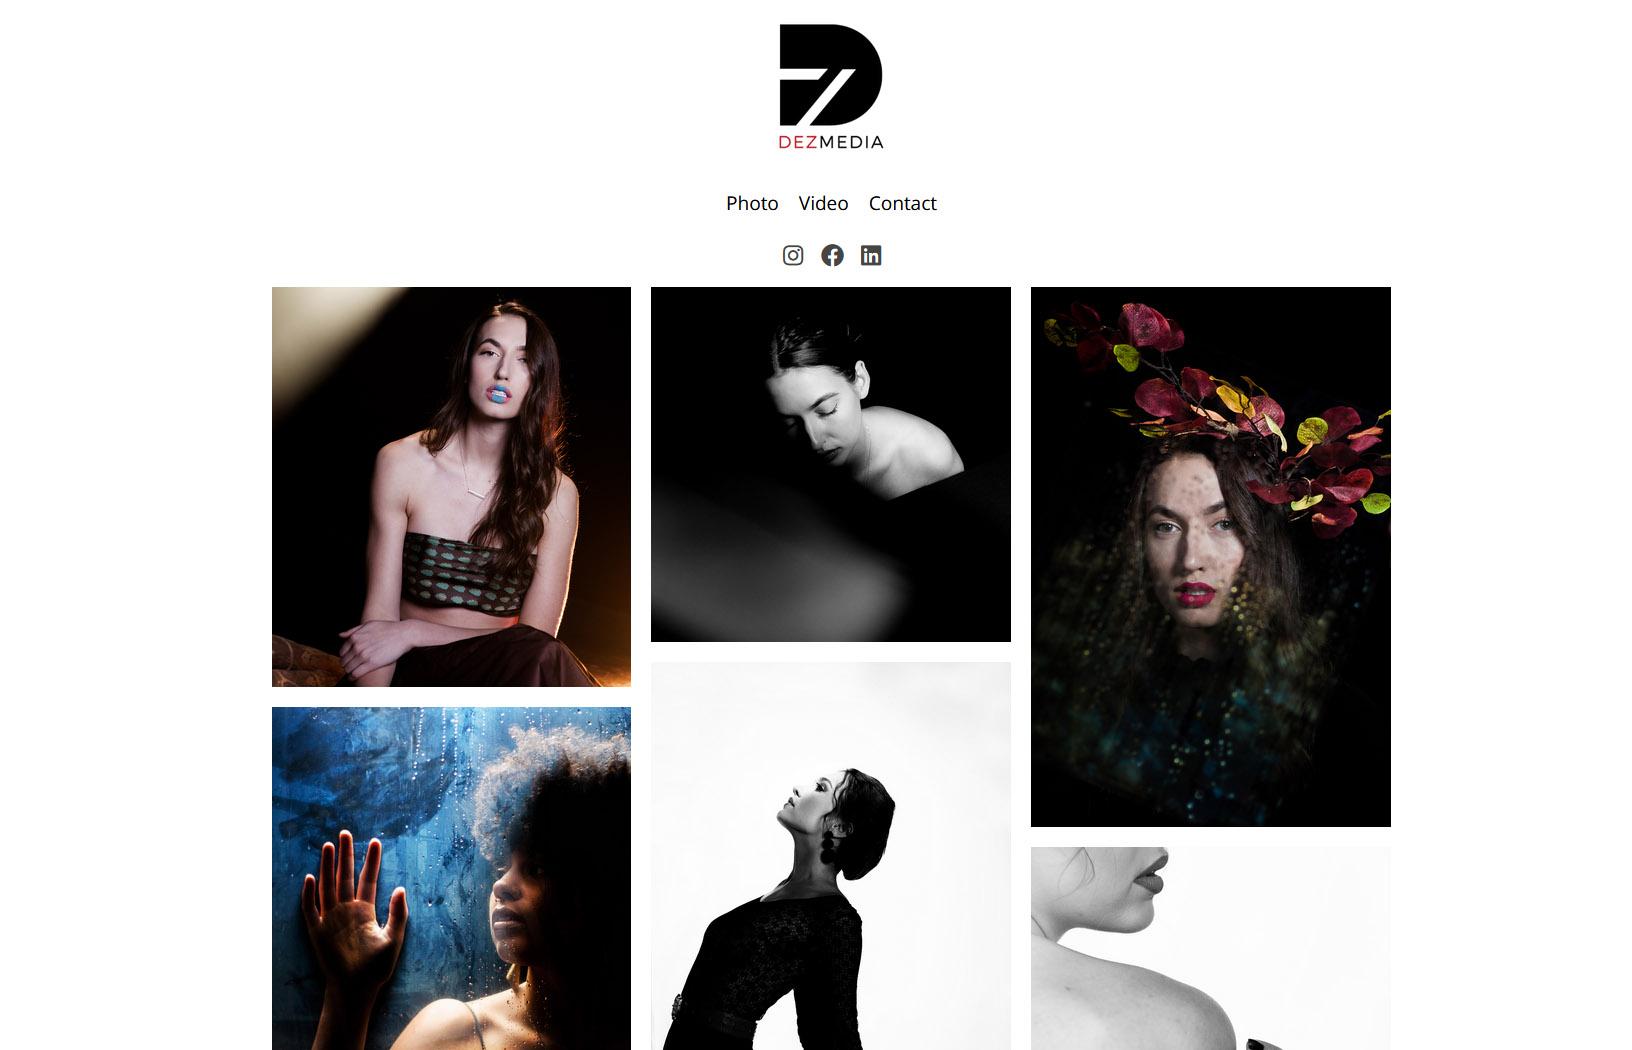 dez - طراحی سایت